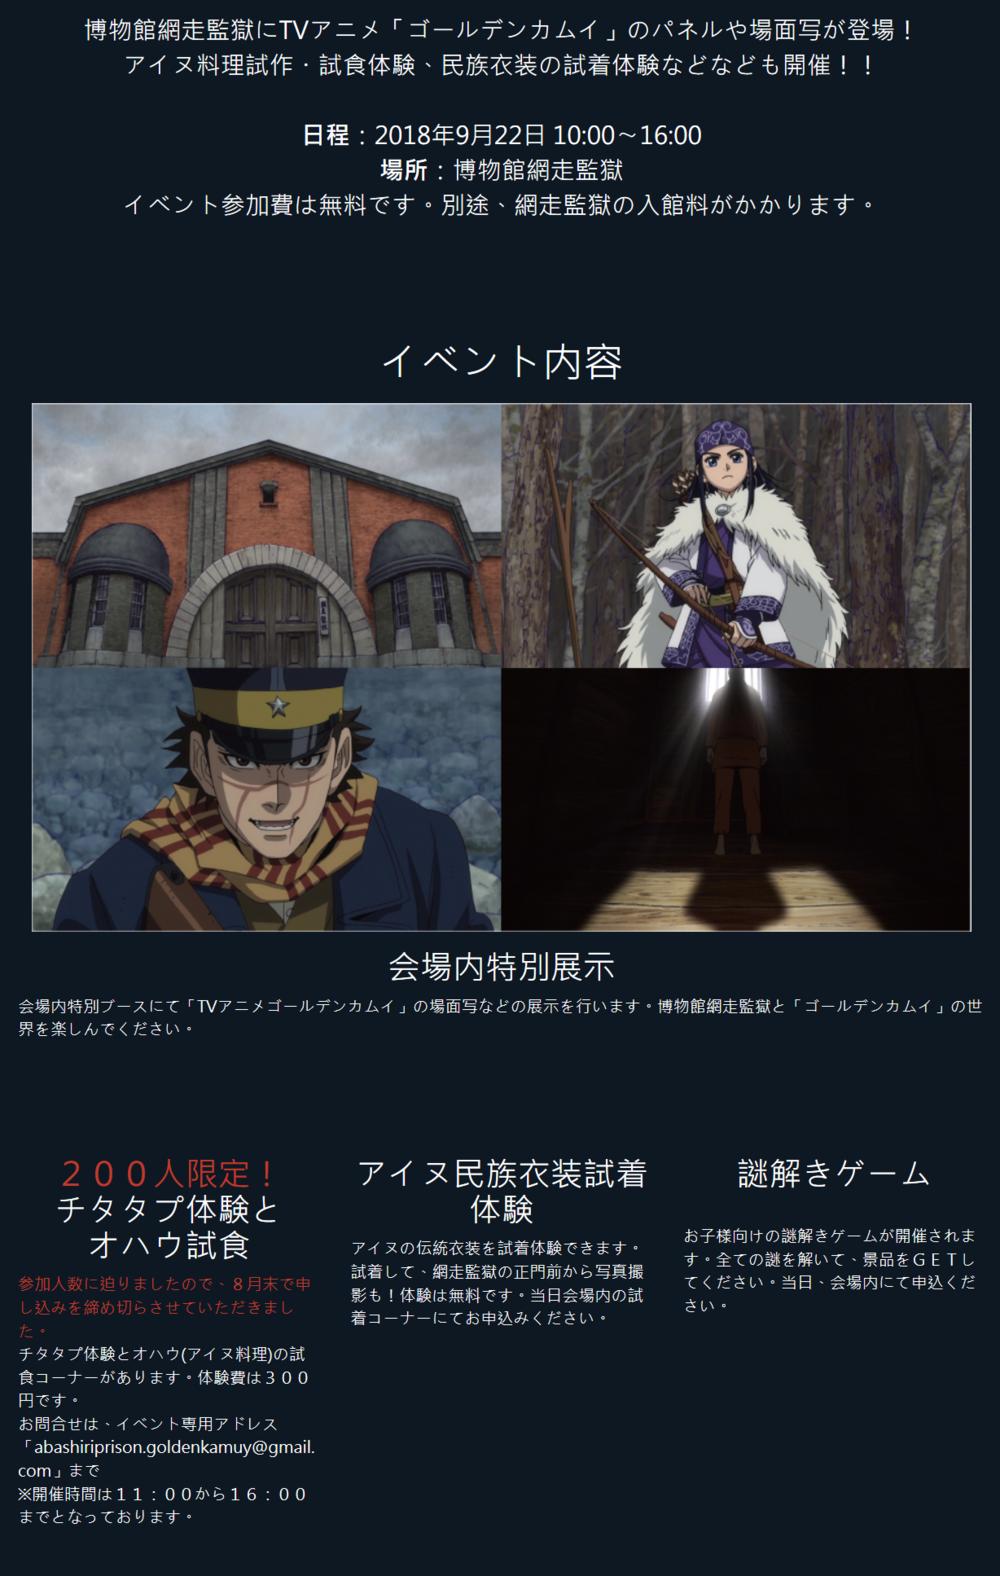 Screenshot_2018-09-26 網走監獄と「ゴールデンカムイ」の世界.png